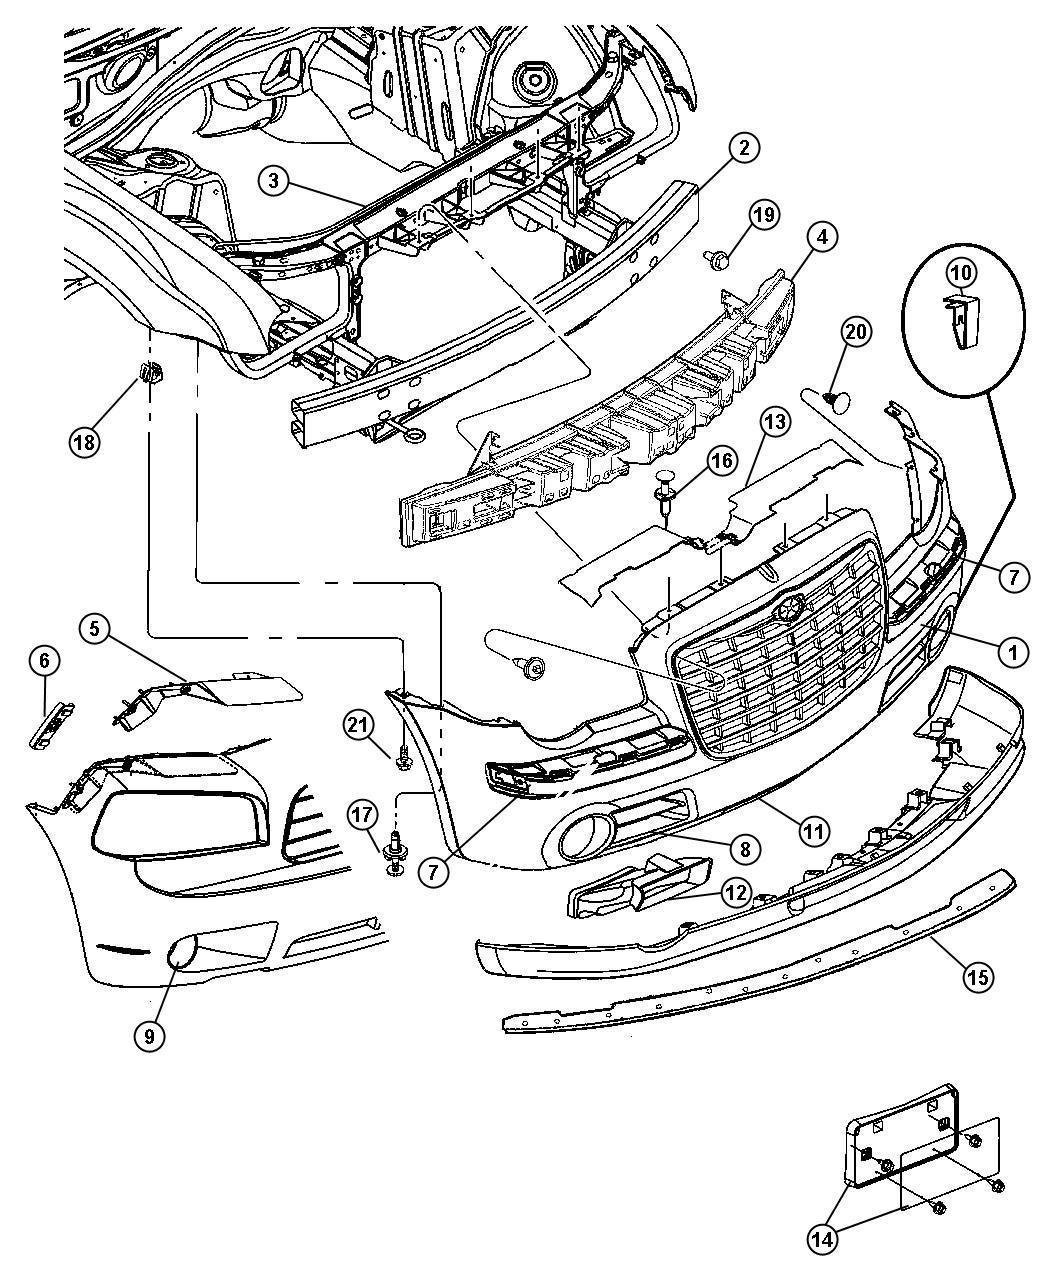 2008 Dodge Charger R/T 5.7L Hemi V8 Bracket. Fascia